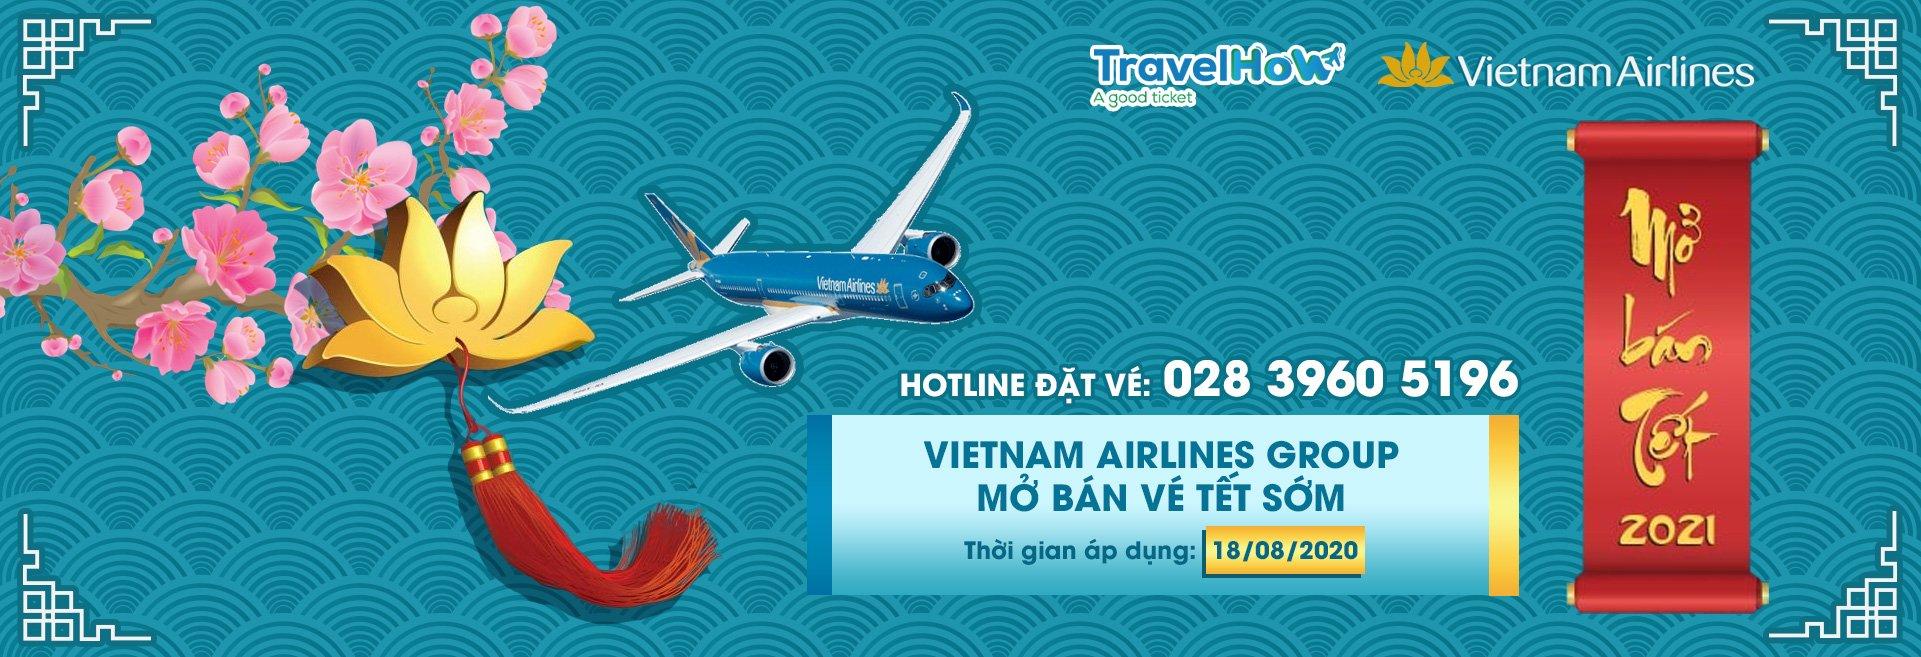 Thông báo mở bán vé máy bay VietNam Airlines Tết 2021